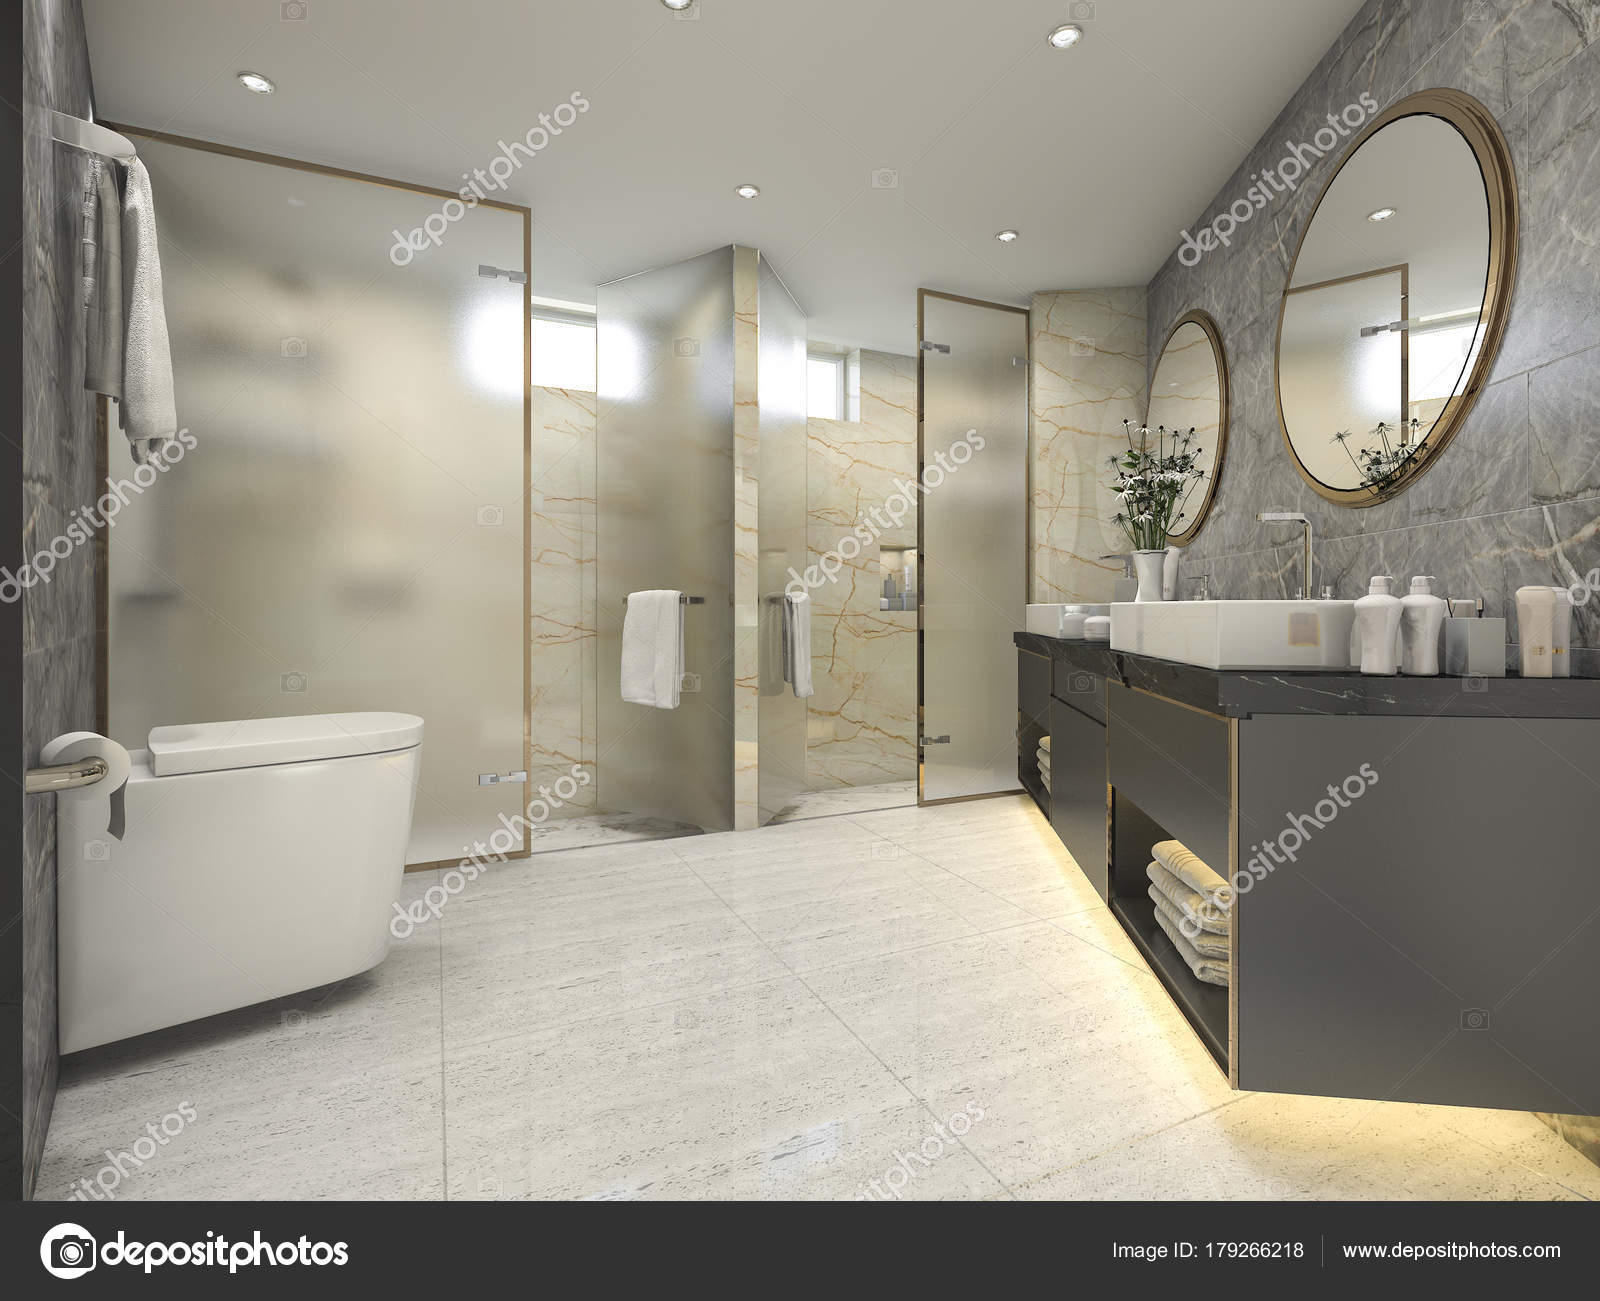 Cuartos de baño lujosos | Render Negro Cuarto Baño Moderno Con Lujo ...